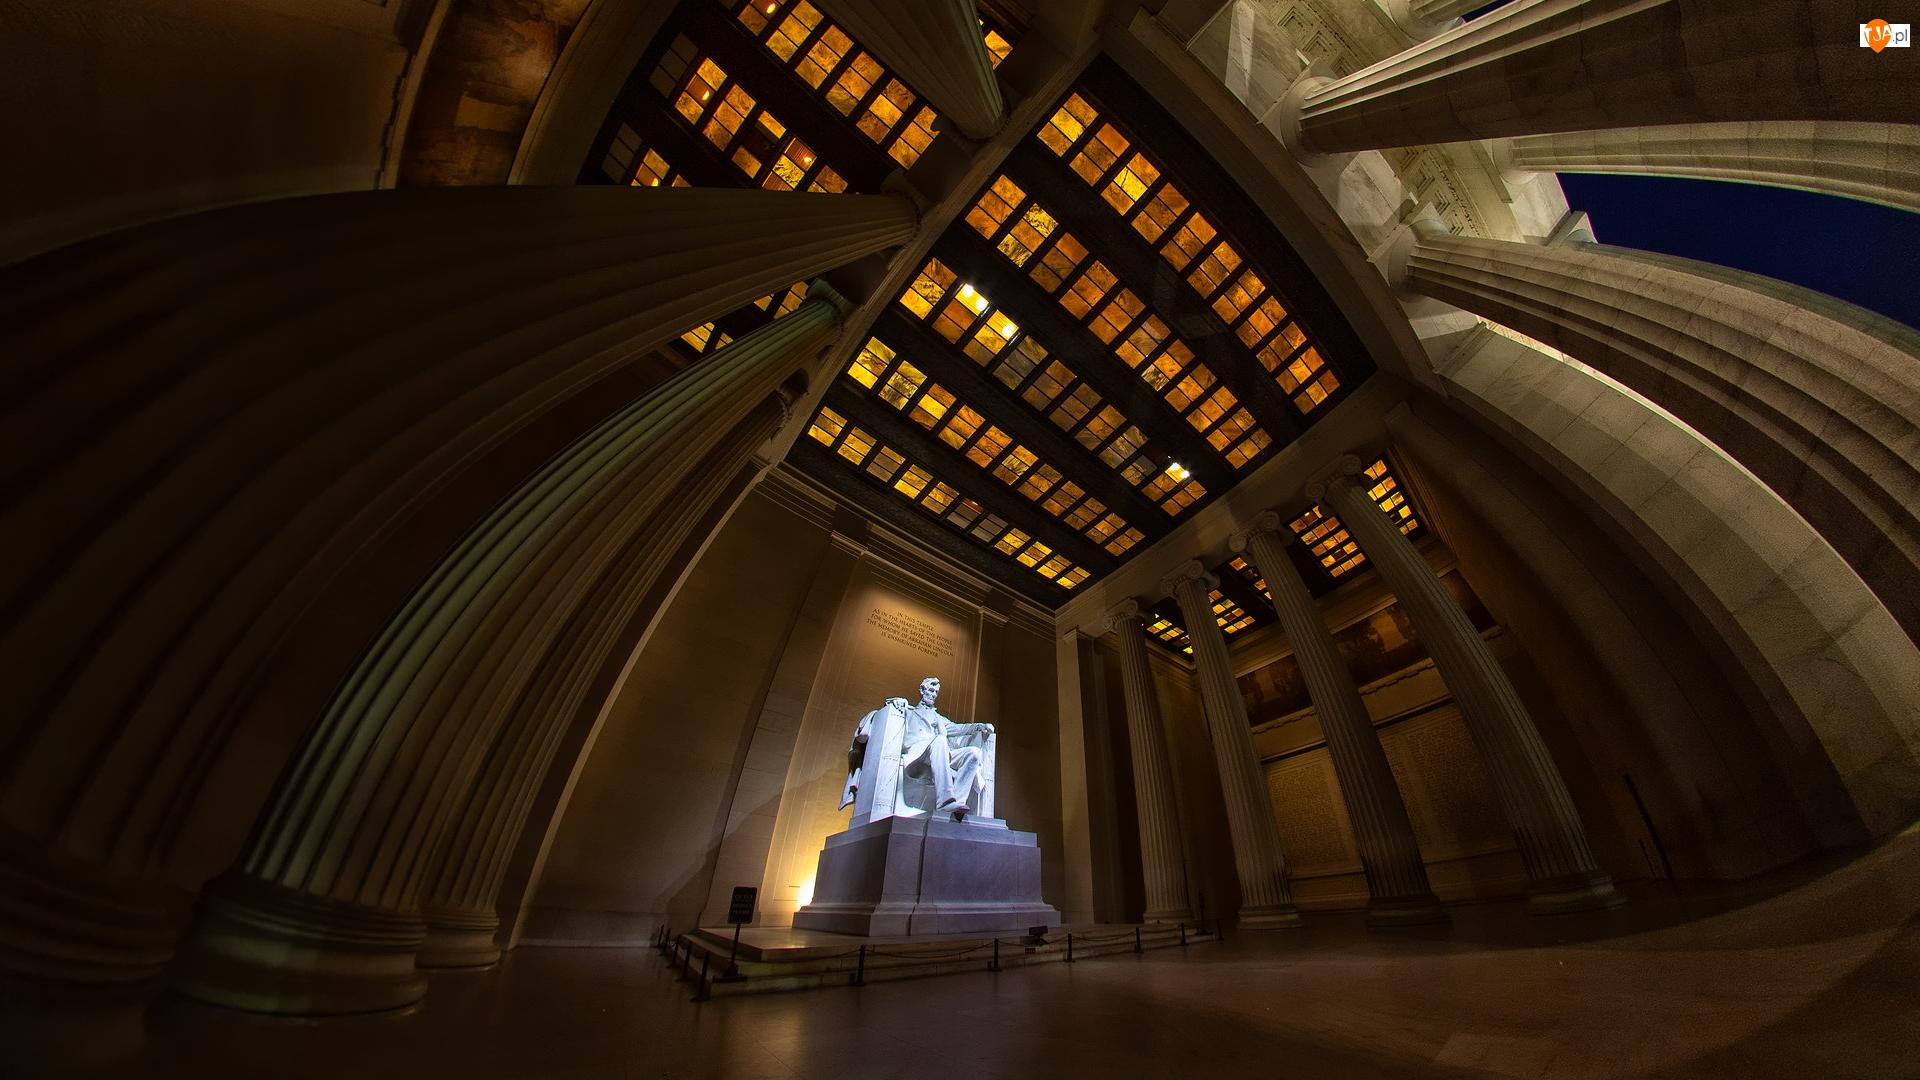 Posąg, Pomnik, Mauzoleum, Stany Zjednoczone, Abraham Lincoln, Stan Waszyngton